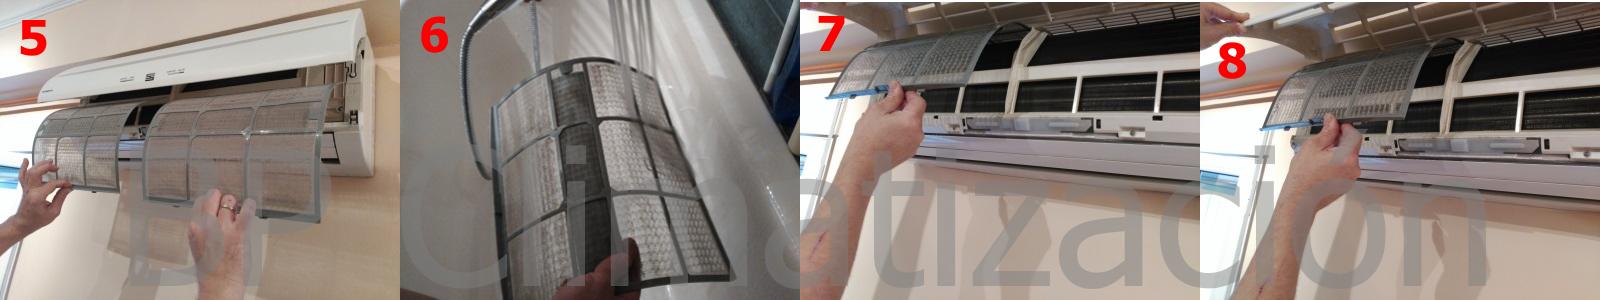 BP Climatización 976902922: Mantenimiento de aire acondicionado splits limpieza de filtros